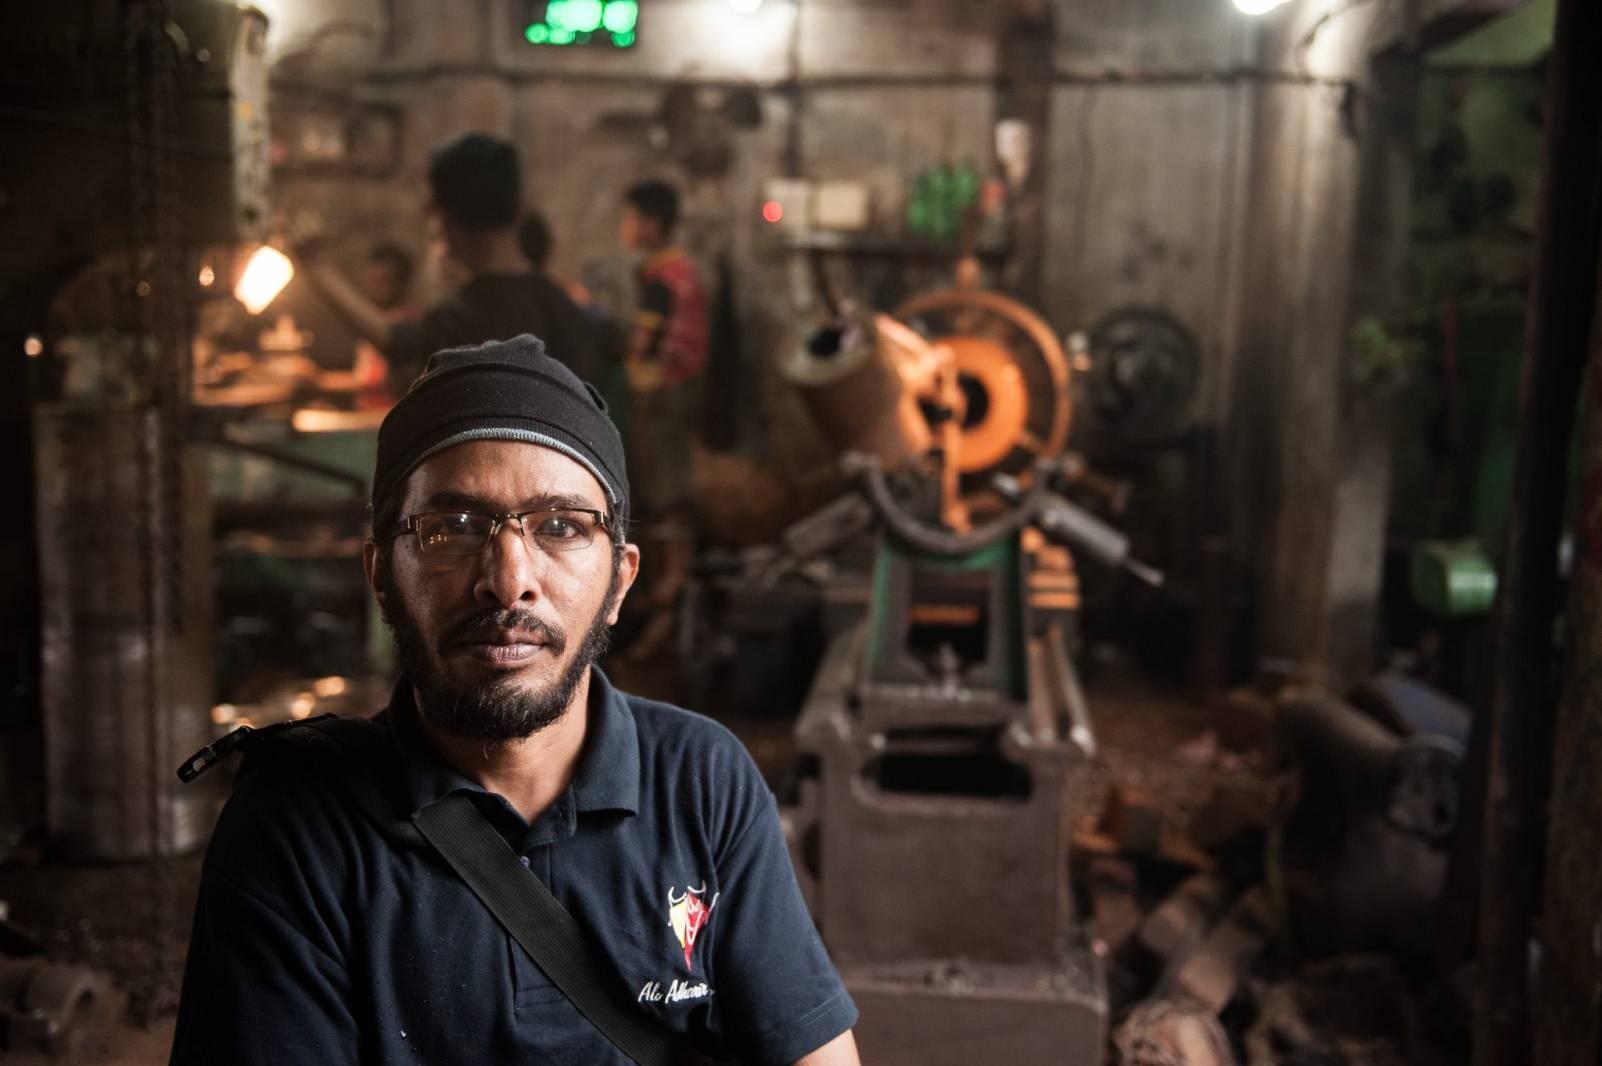 Saiful Amin Kazal